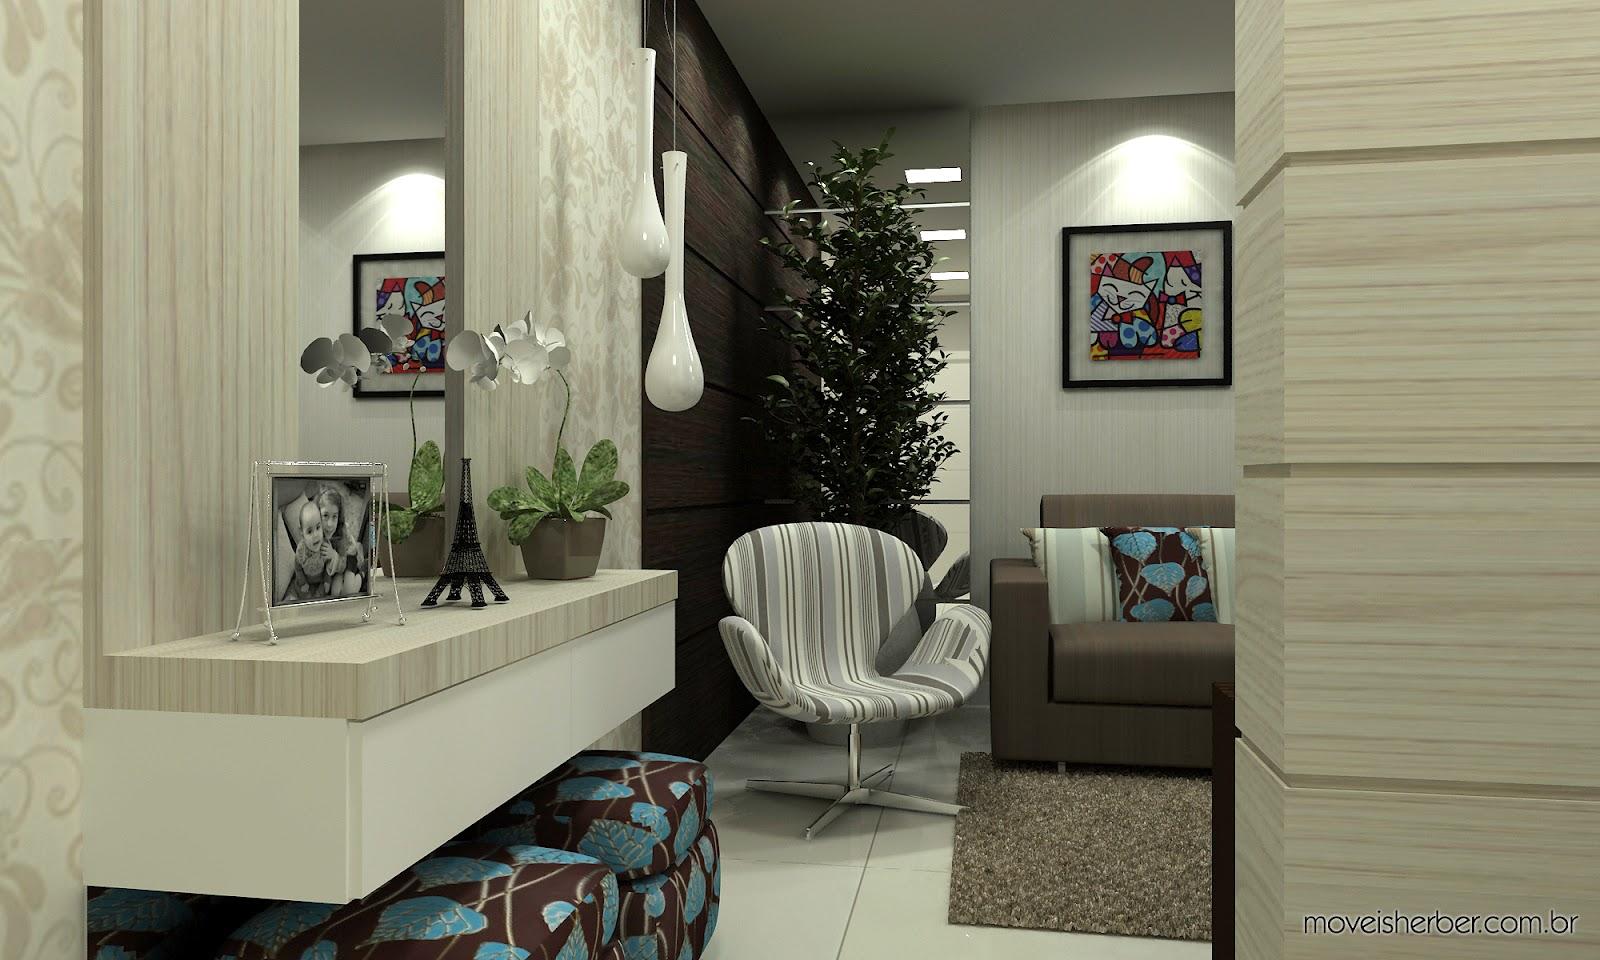 cozinha planejada gourmetIdéias de decoração para casa #486A6F 1600 960